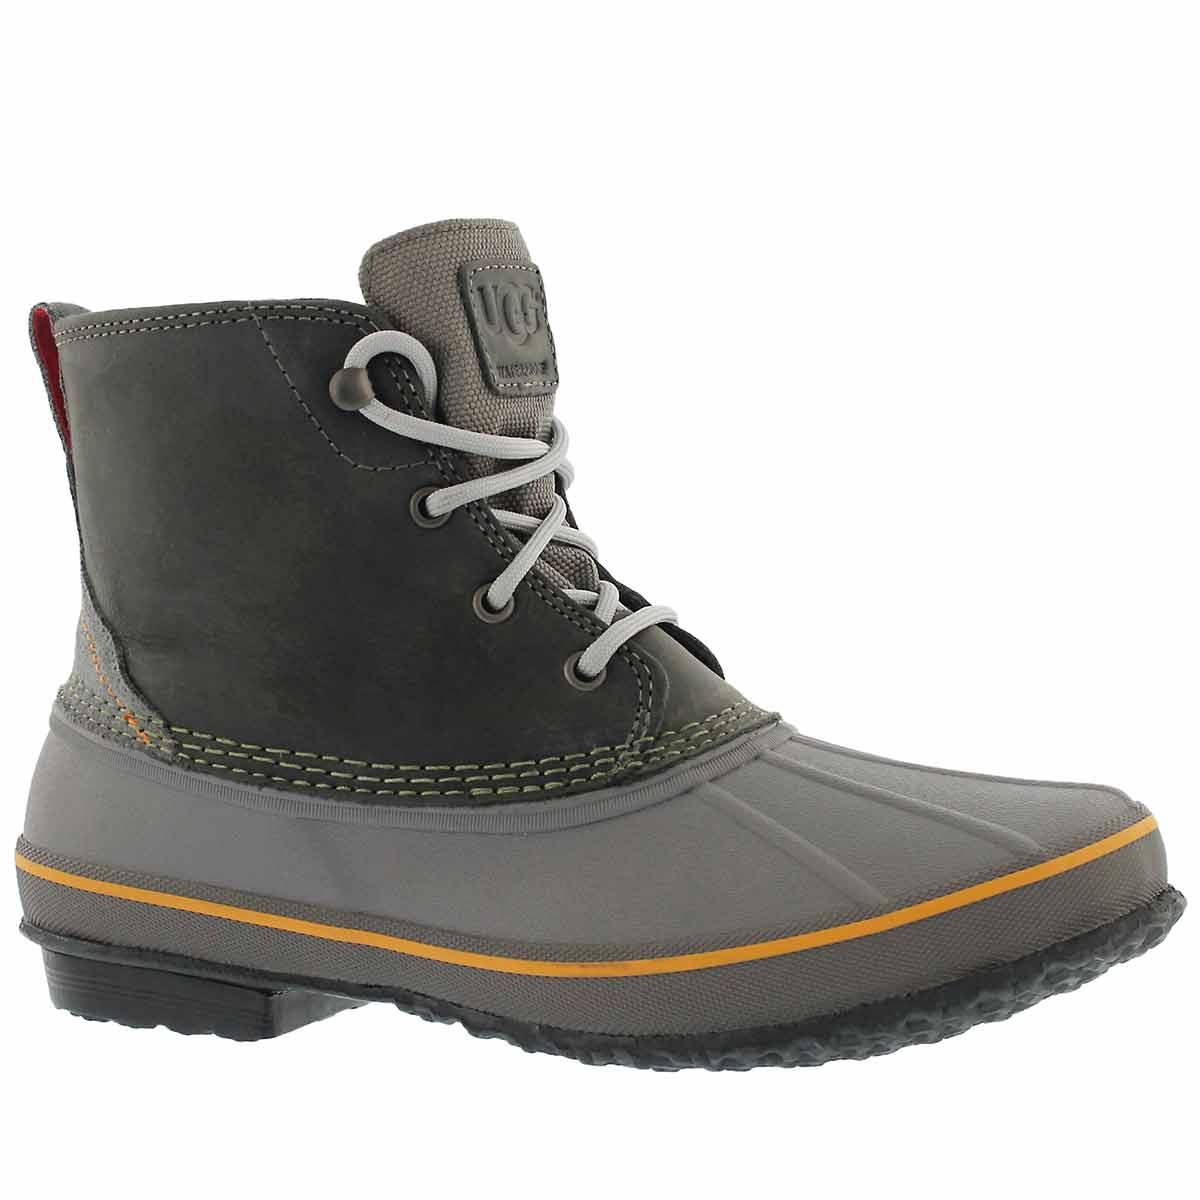 Men's ZETIK metal lace up waterproof ankle boots